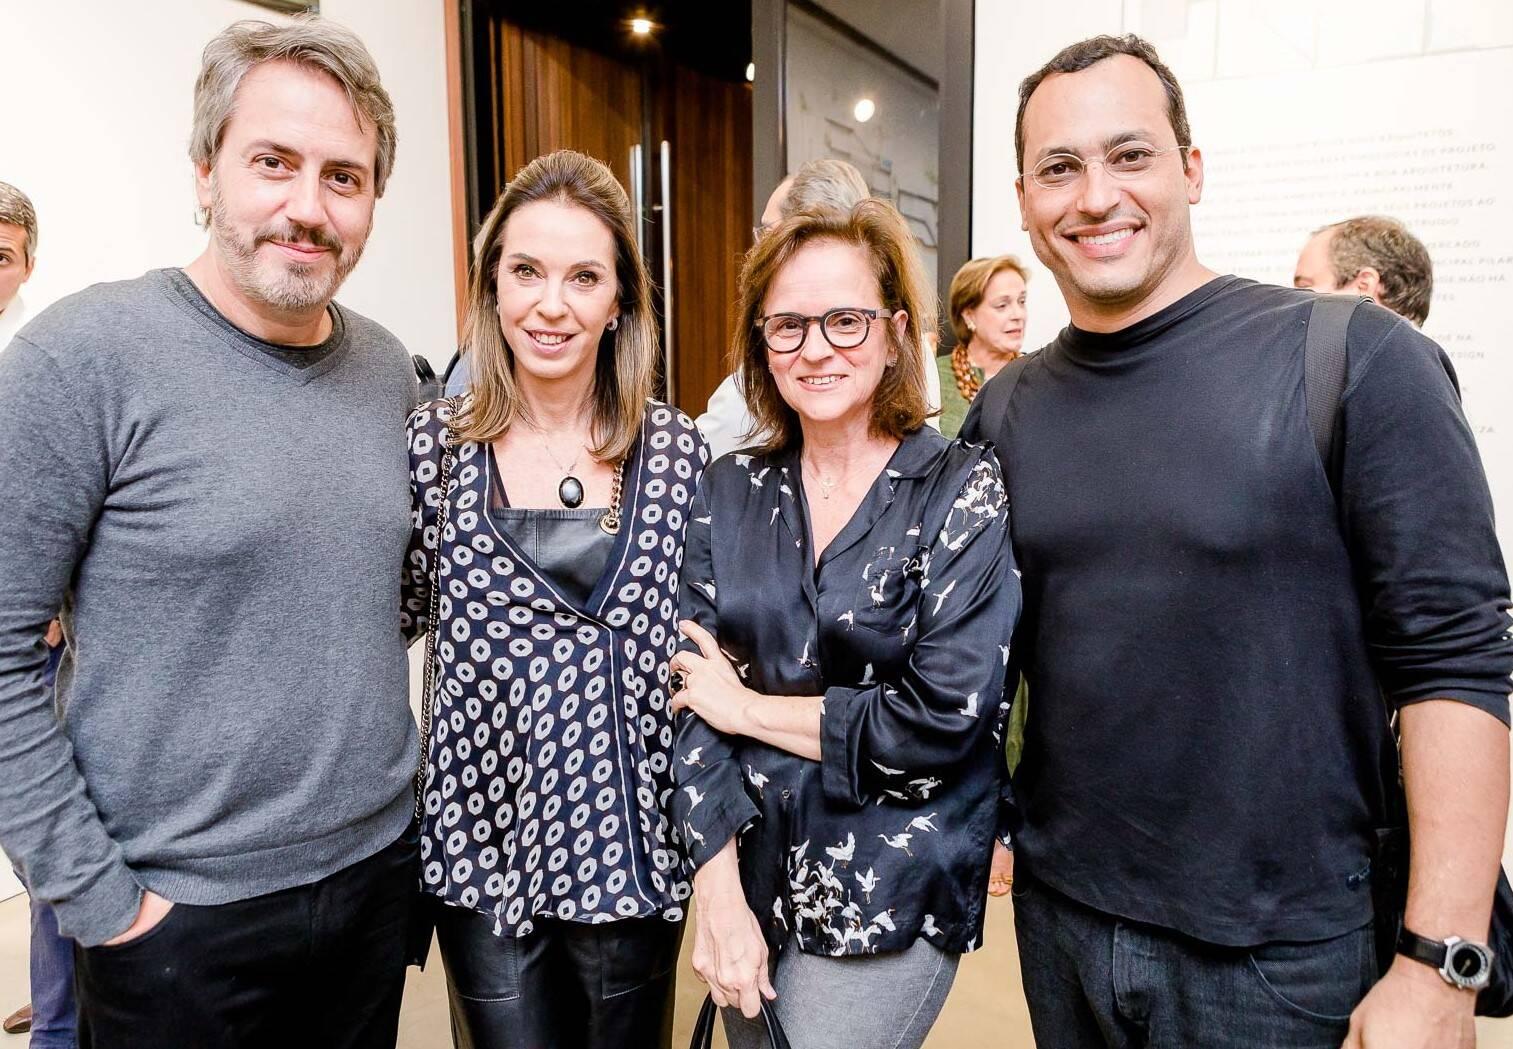 Sergio Conde Caldas, Esther Schattan, Patricia Quentel e Guto Indio da Costa  /Foto: Bruno Ryfer